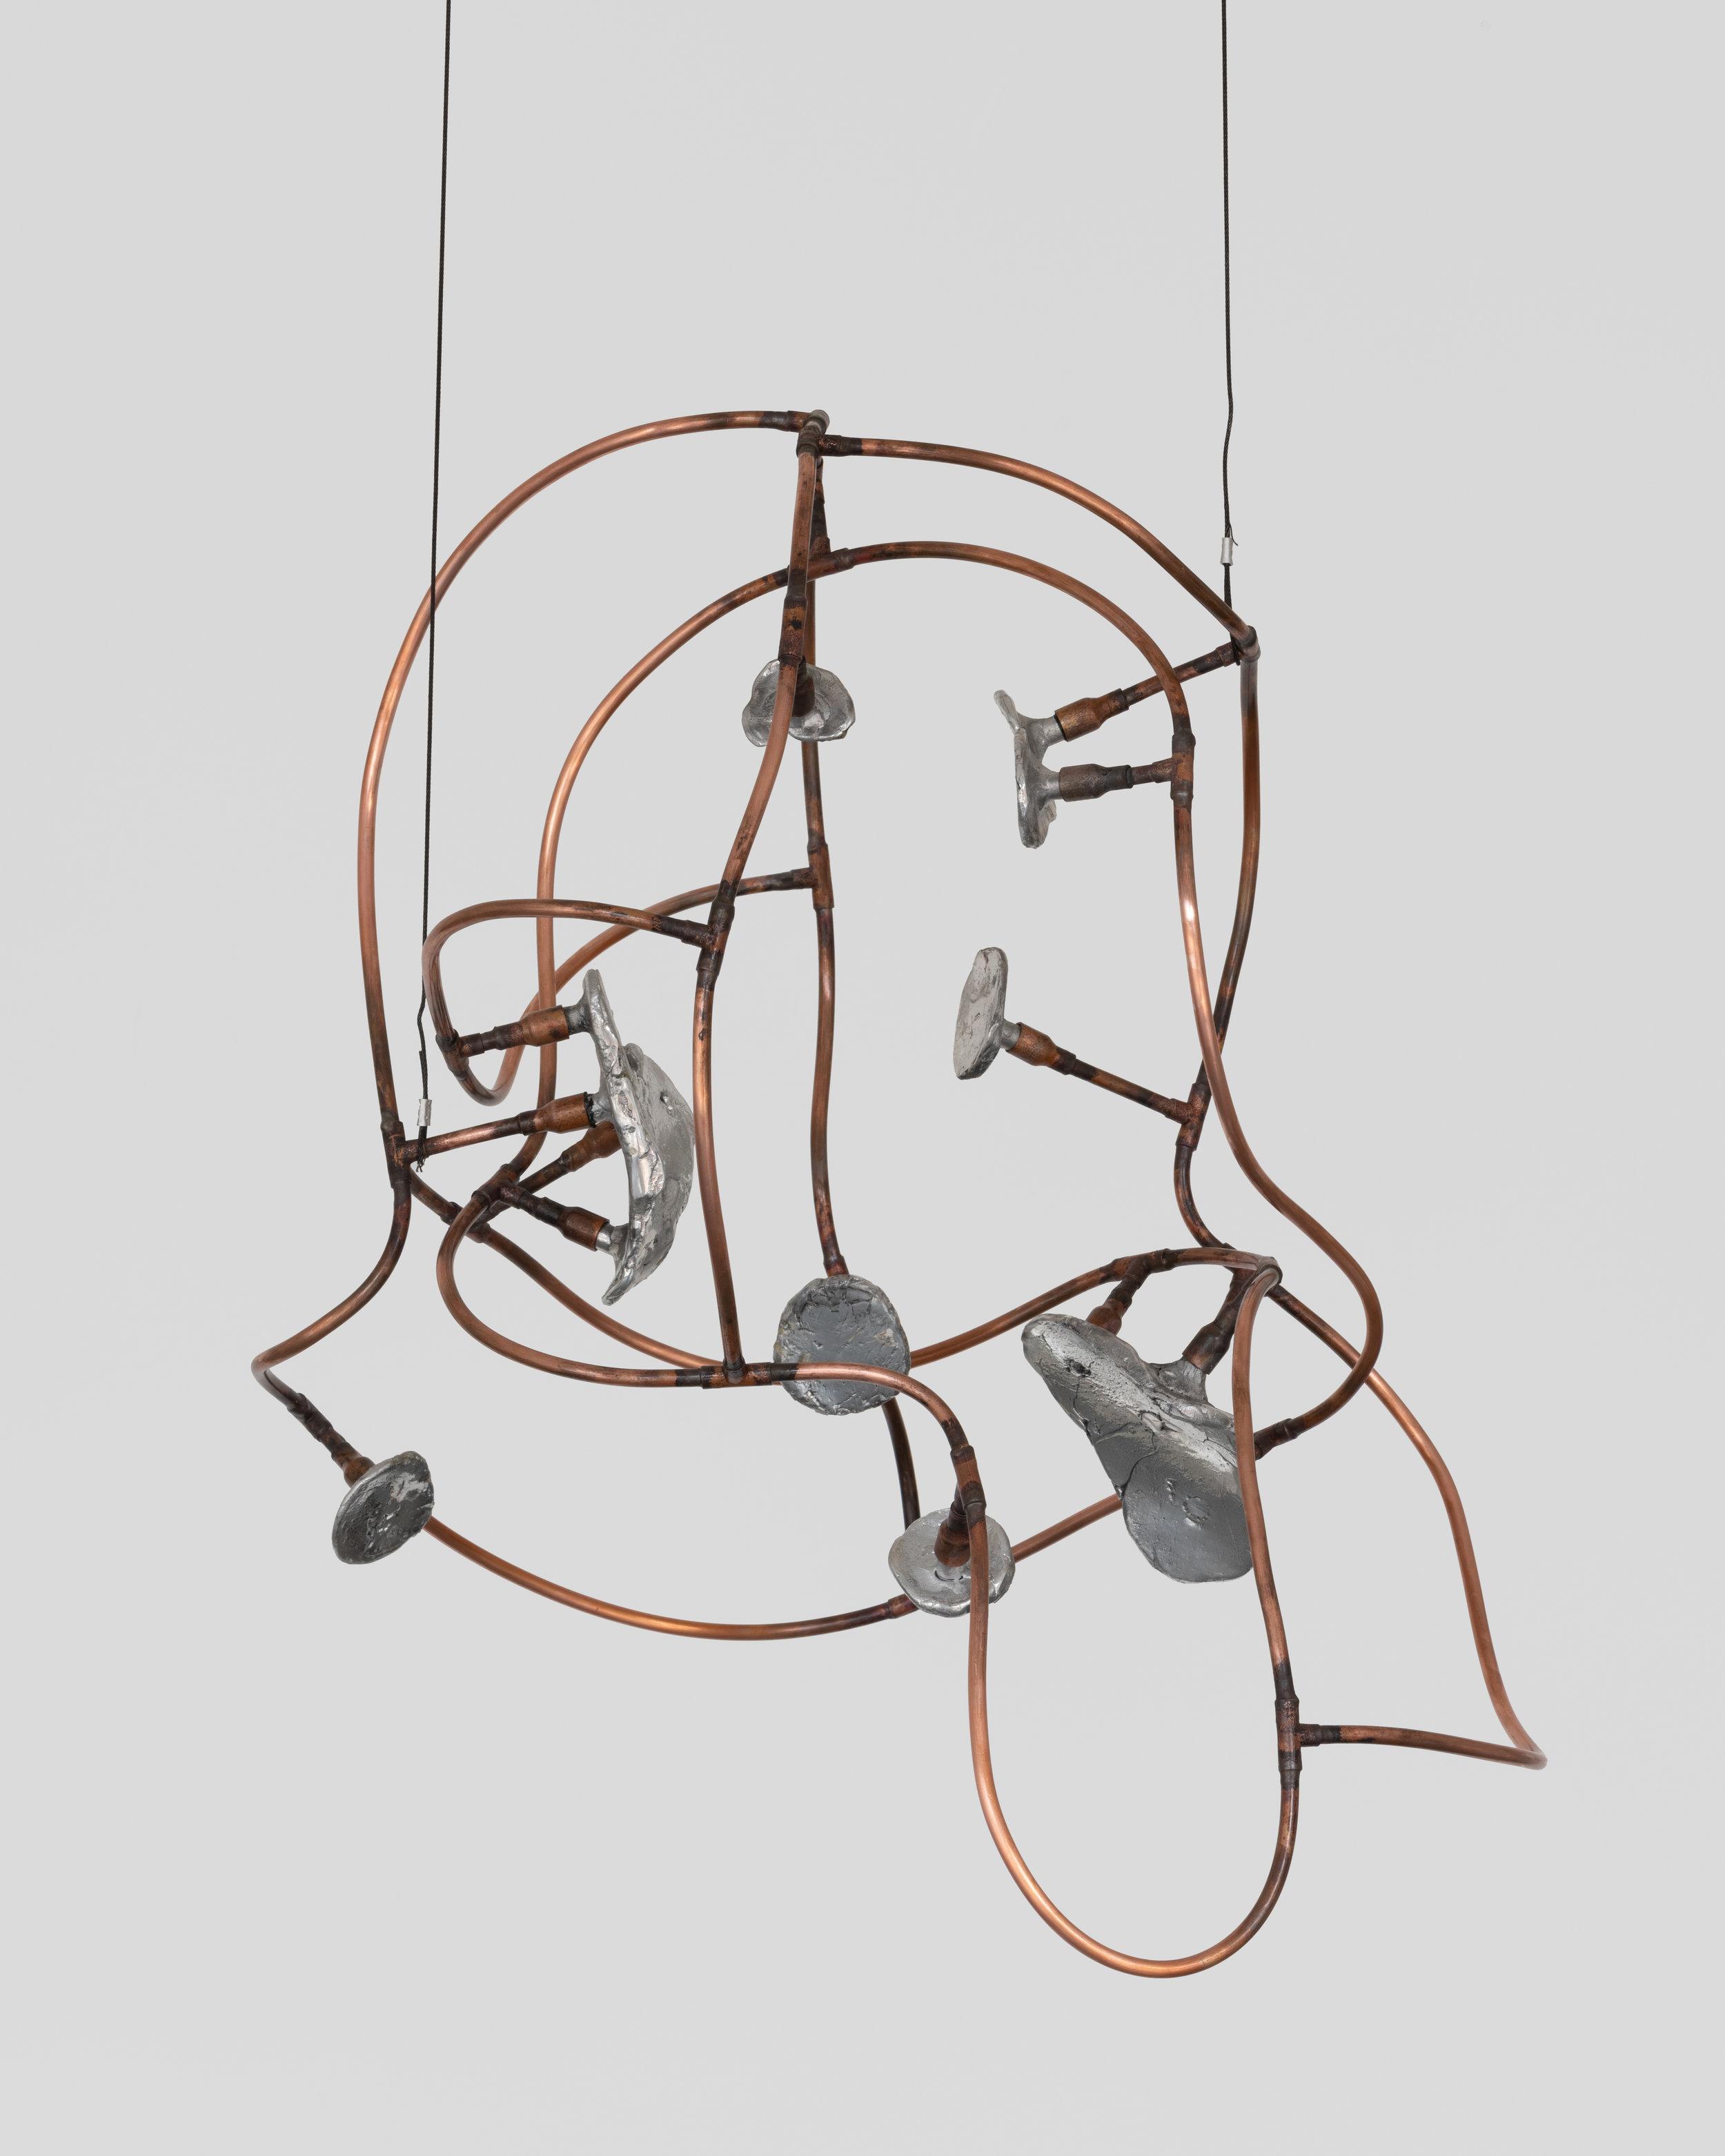 Orbital Contour Mask #01